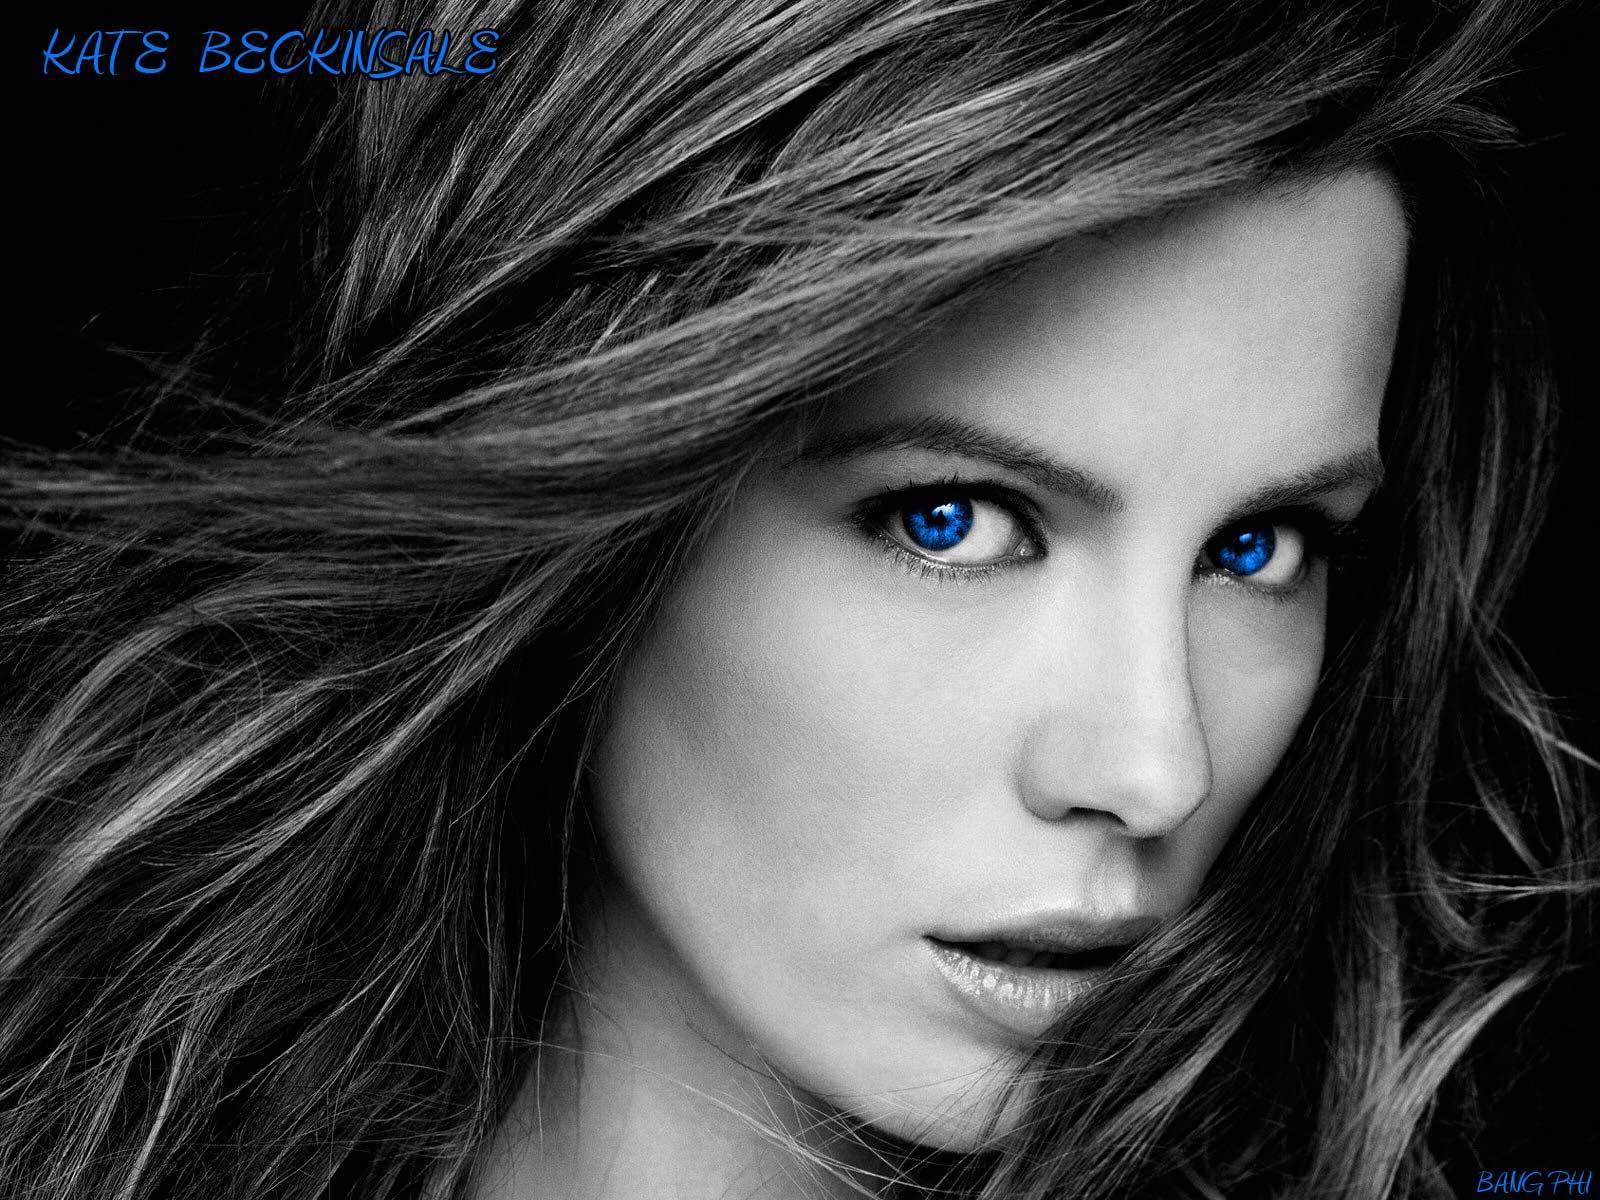 http://2.bp.blogspot.com/-v8UoGDE0g7M/TxF2Q0B5oBI/AAAAAAAAEbg/W6Oe5ZAZs3g/s1600/Kate-Beckinsale.jpg